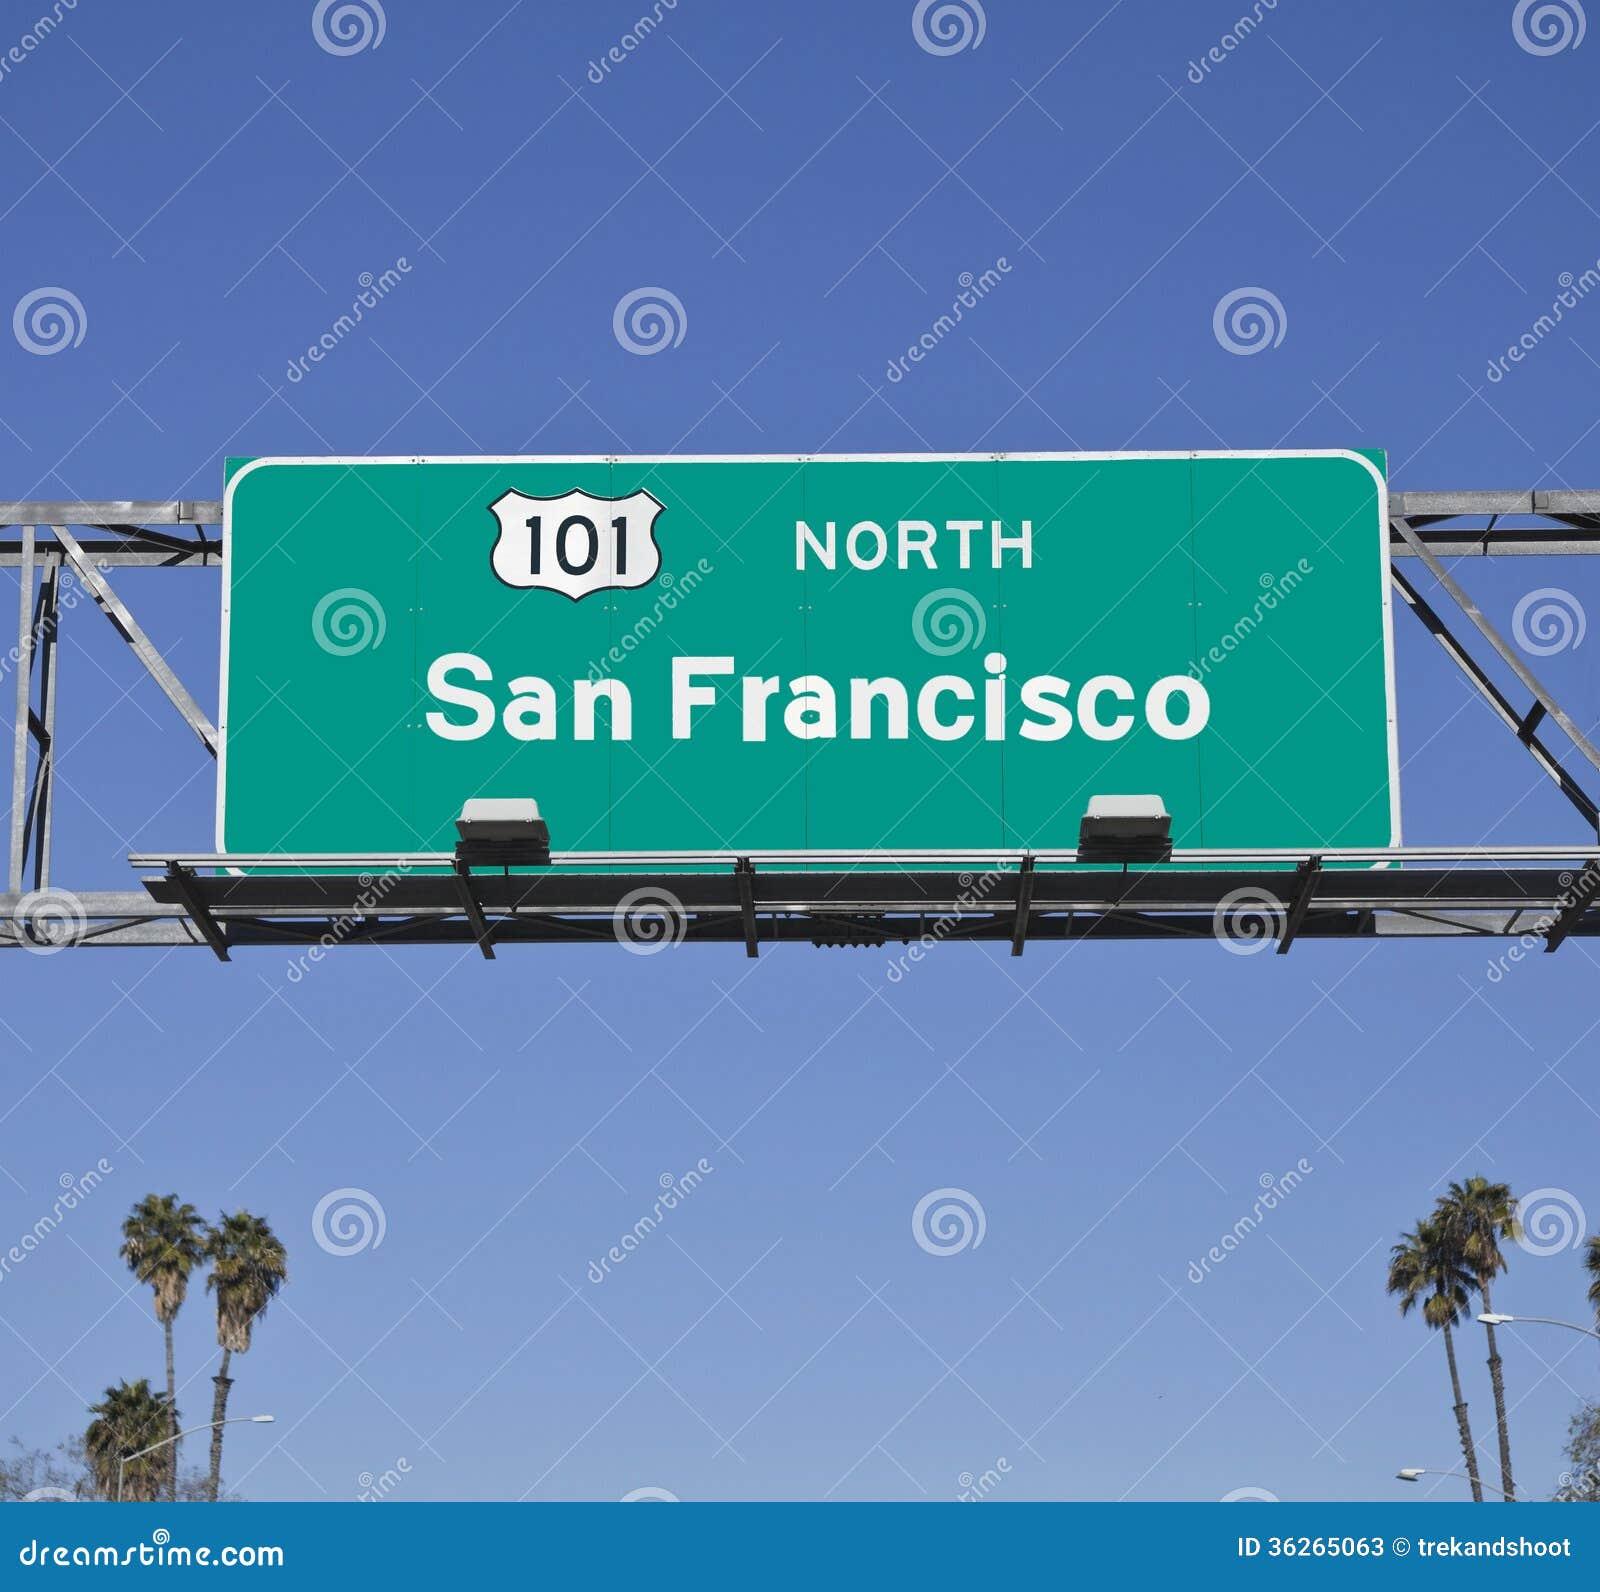 San Francisco Audio Tour Free